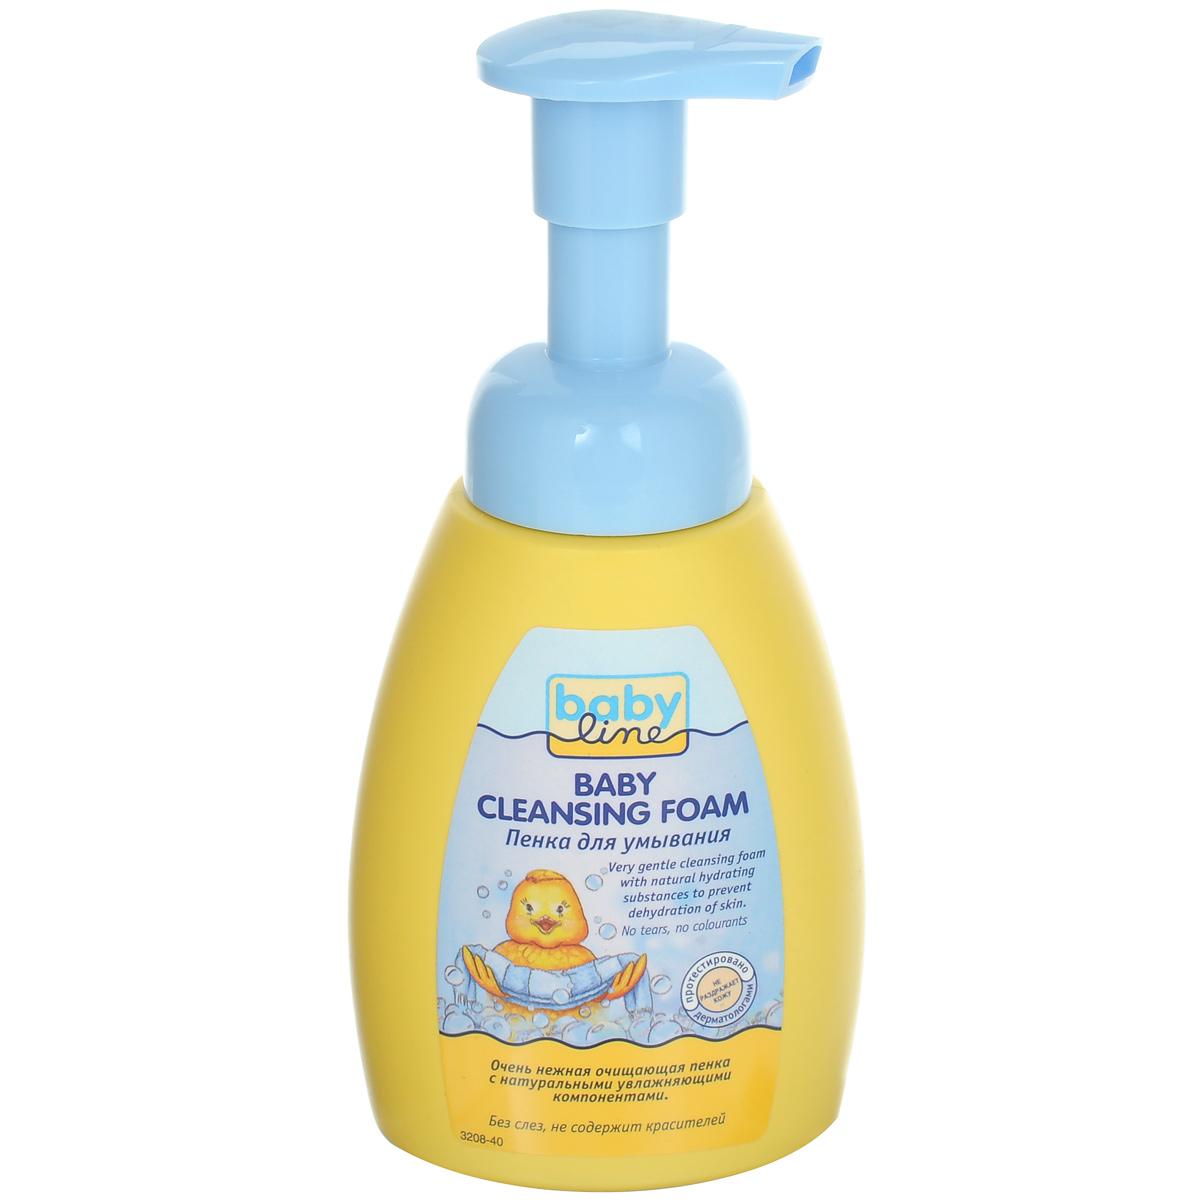 BabyLine Пенка для умывания детская, без слез, 250 мл208042Детская пенка для умывания с благоприятными для кожи растительными экстрактами бережно моет и увлажняет кожу вашего малыша. Без слез. Не содержит мыла и консервантов. Содержит пшеничный протеин, бережно ухаживающий за кожей ребенка. Товар сертифицирован.